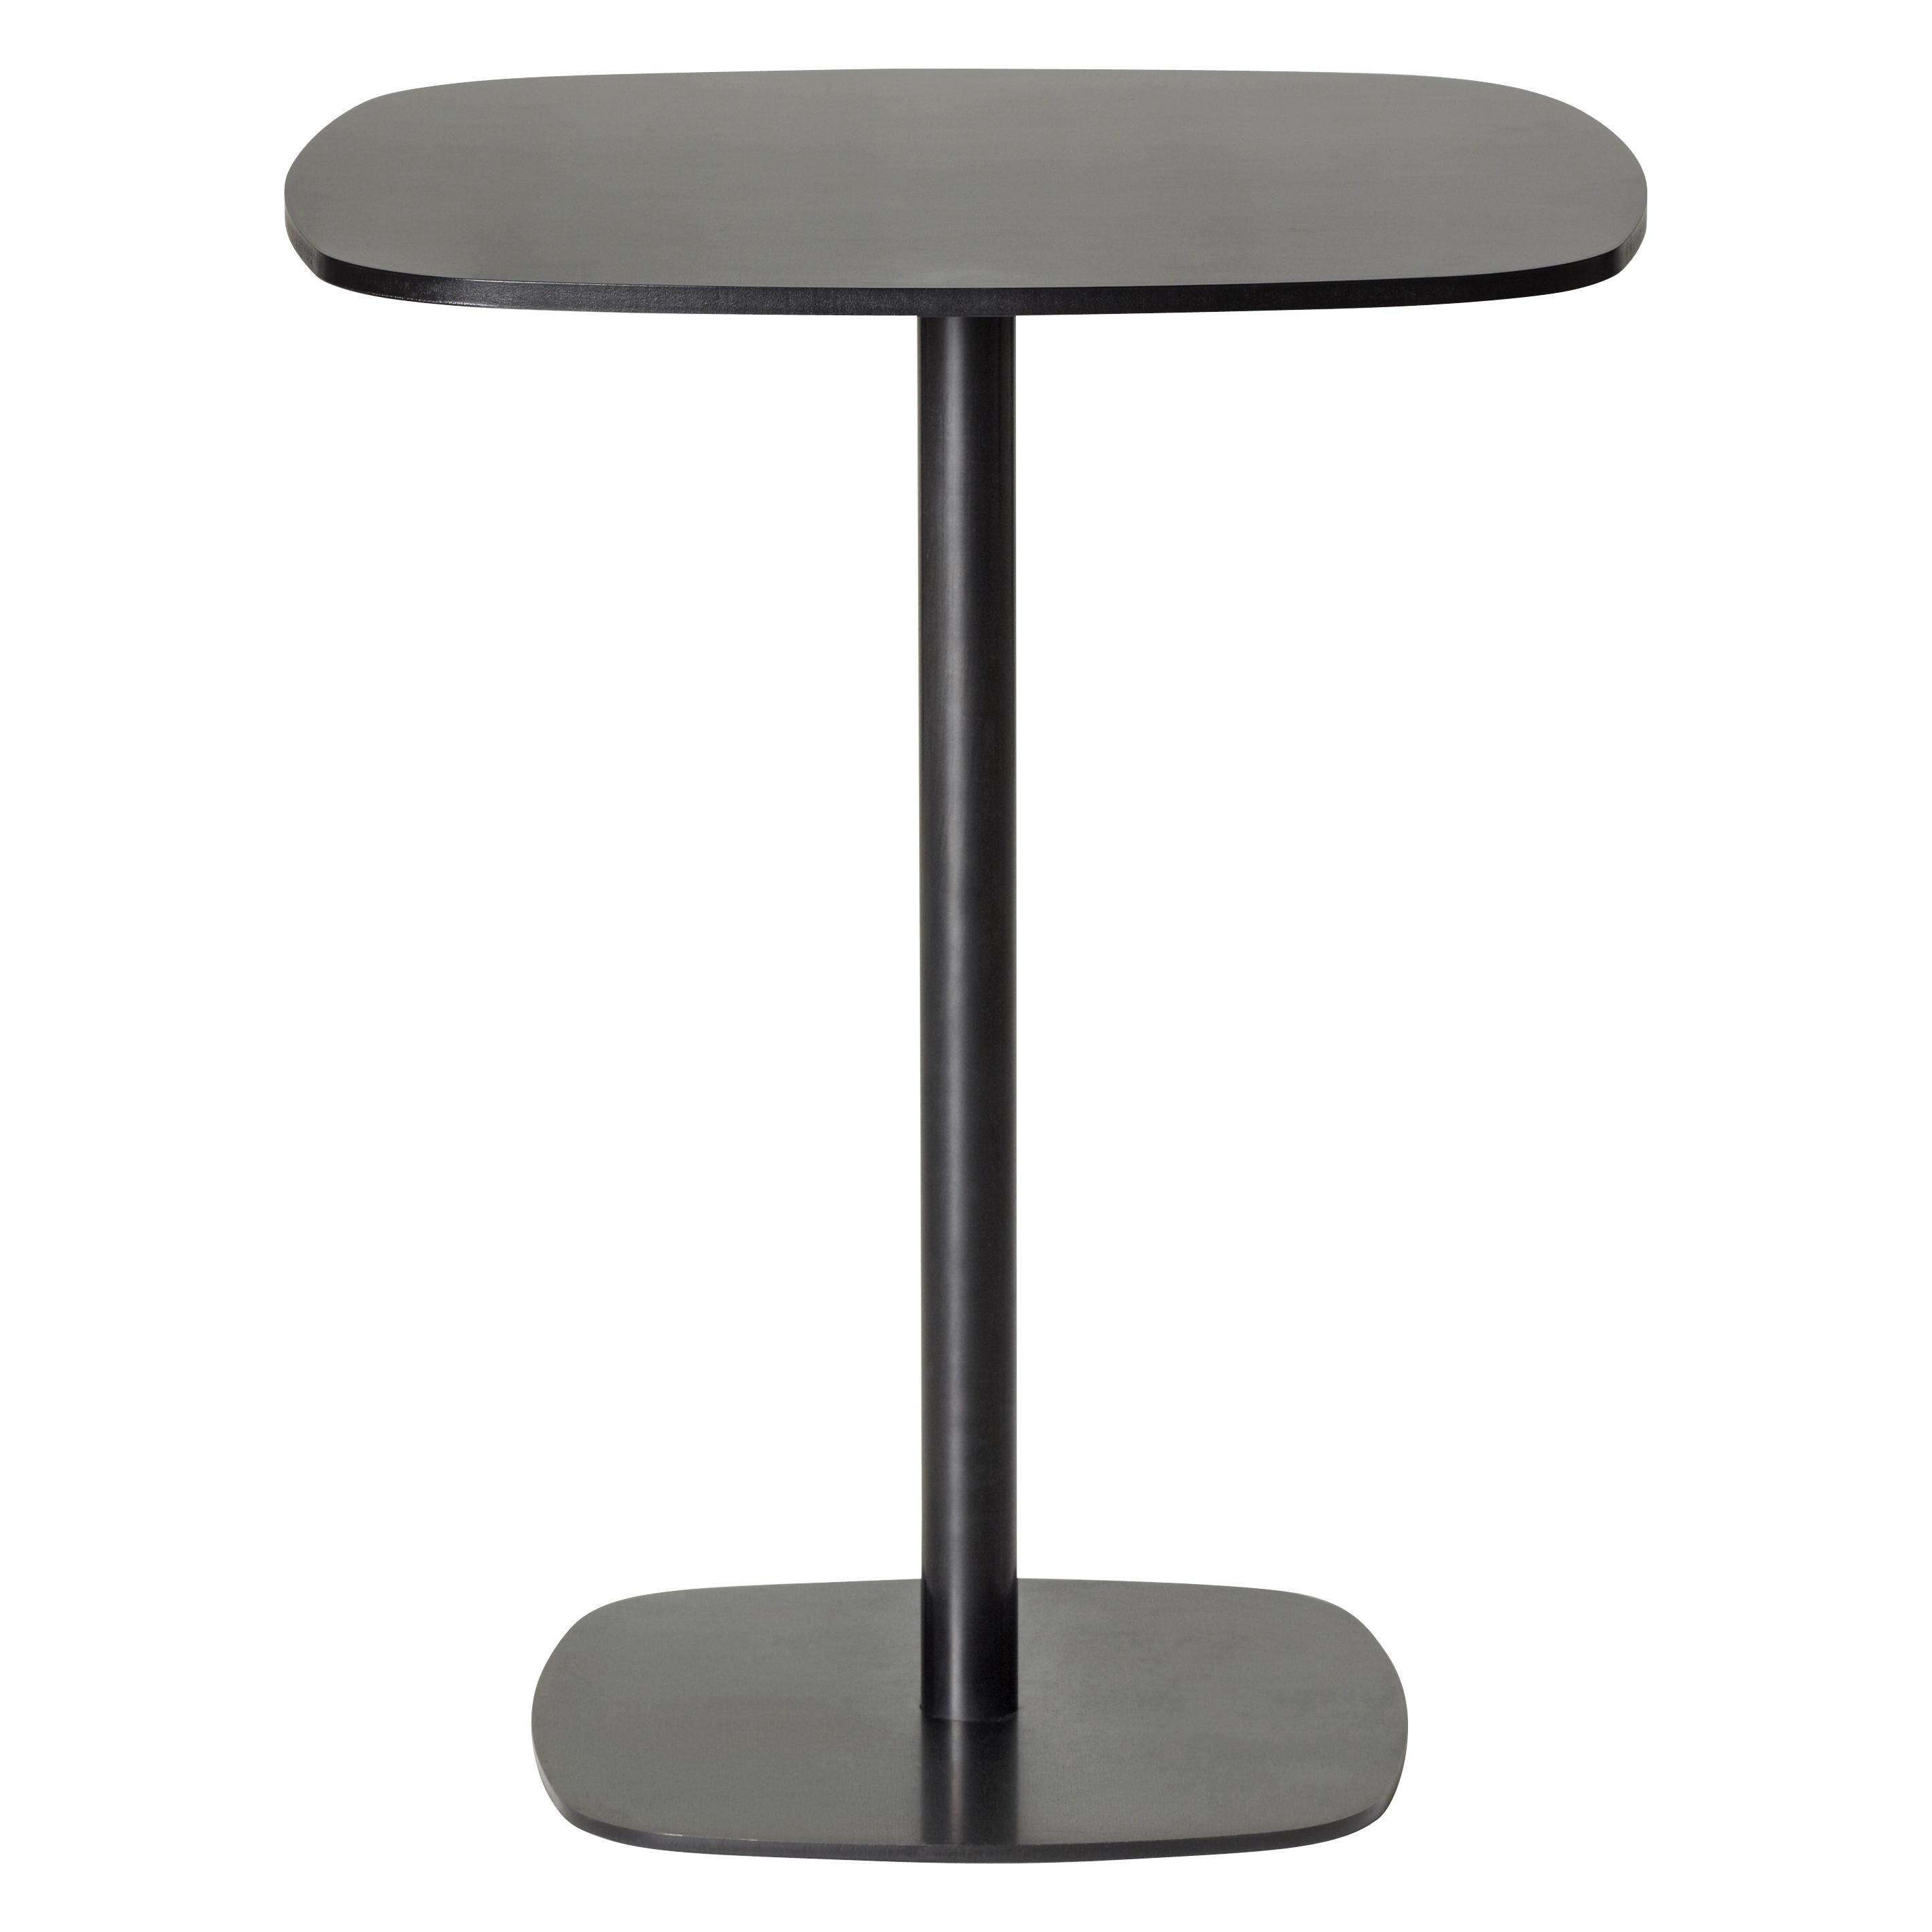 Scopri tavolo bar alto nobis h 110 cm 60x60 cm nero di - Tavoli alti bar ...